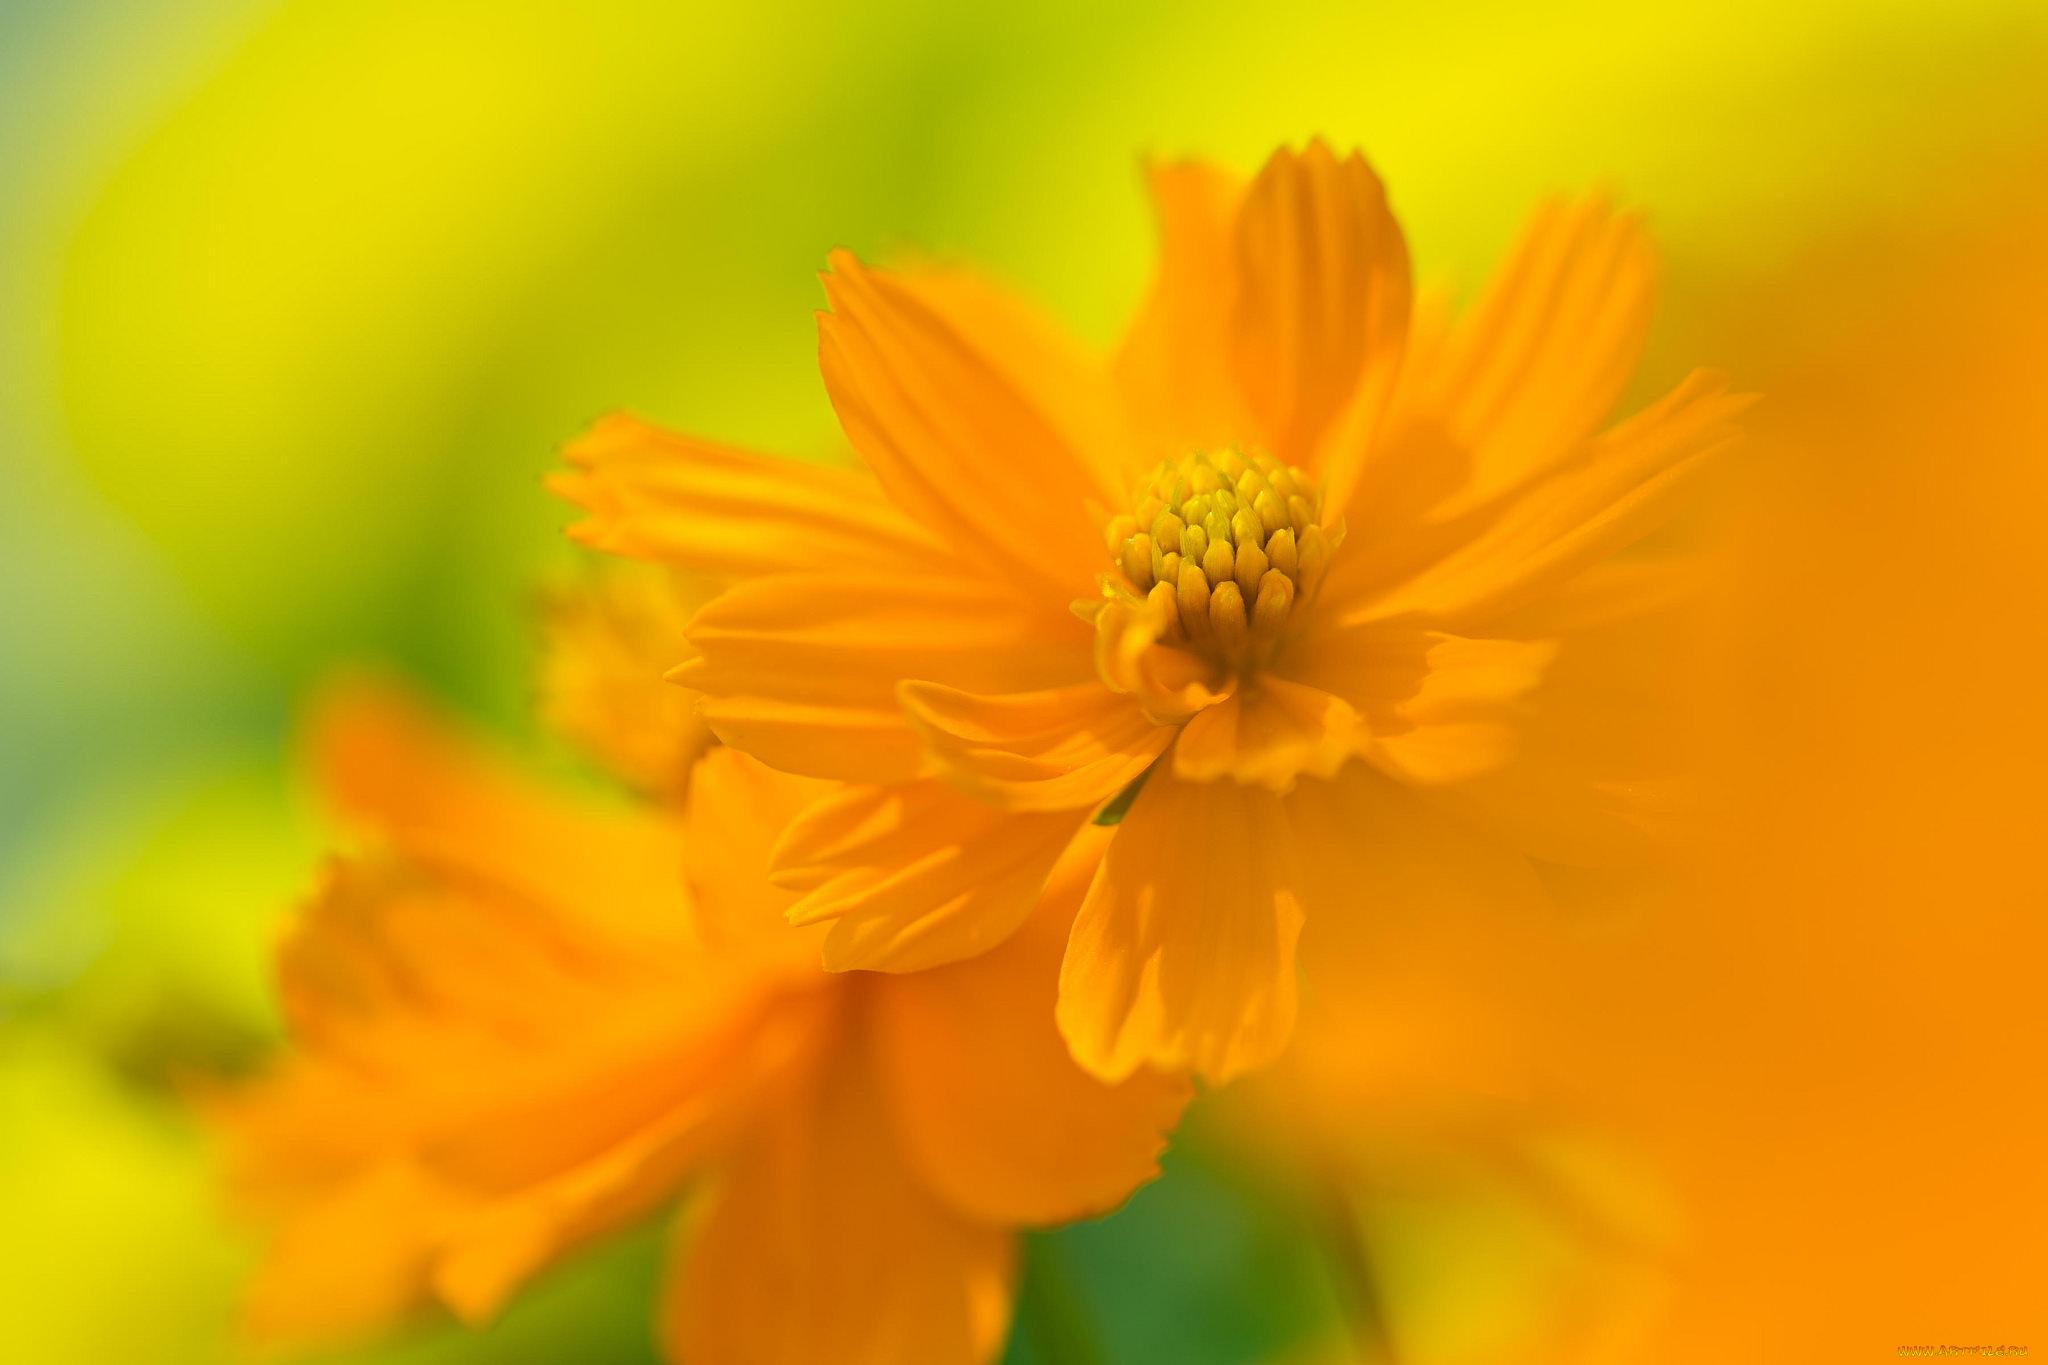 Желтый распустившийся цветок  № 731641 загрузить